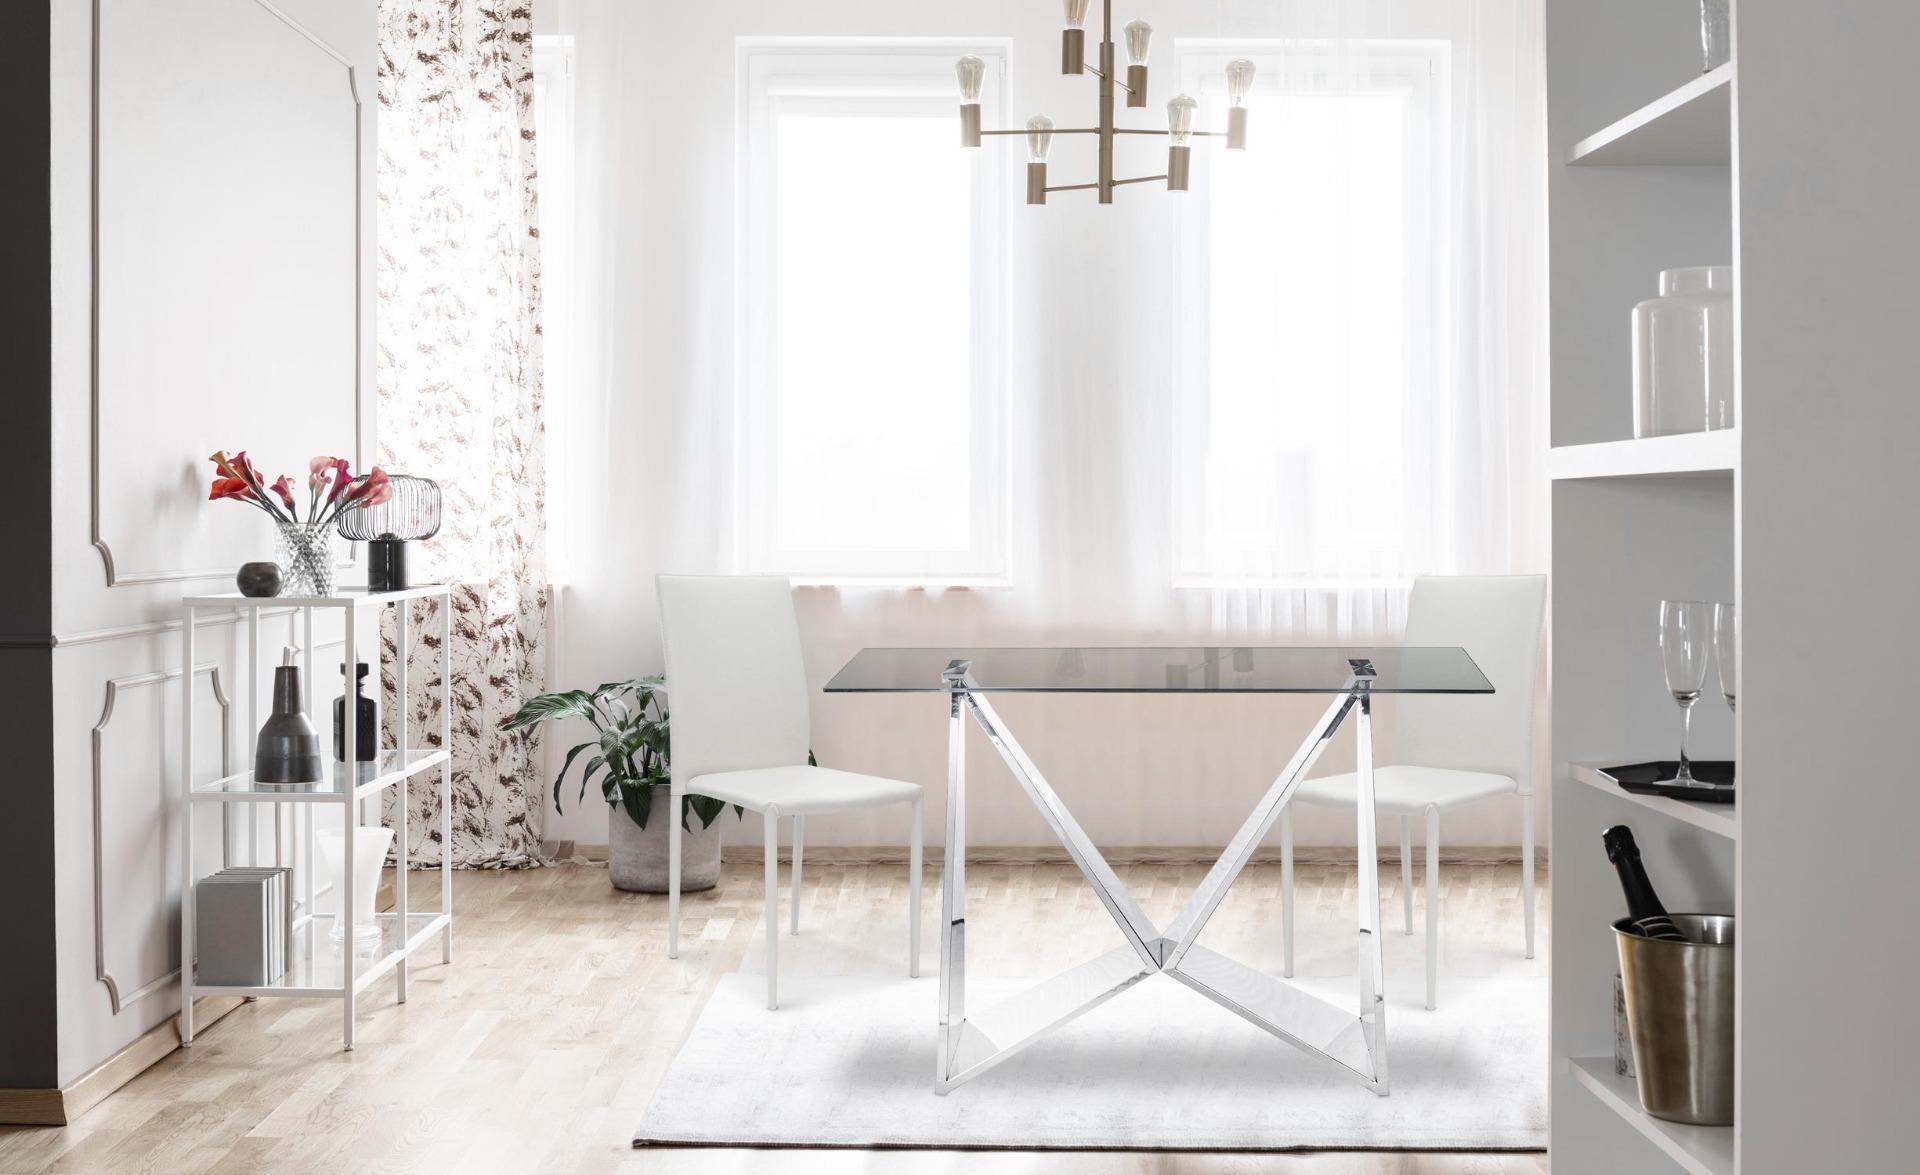 Modan Set mit 6 stapelbaren Stühlen aus Kunstleder Weiß